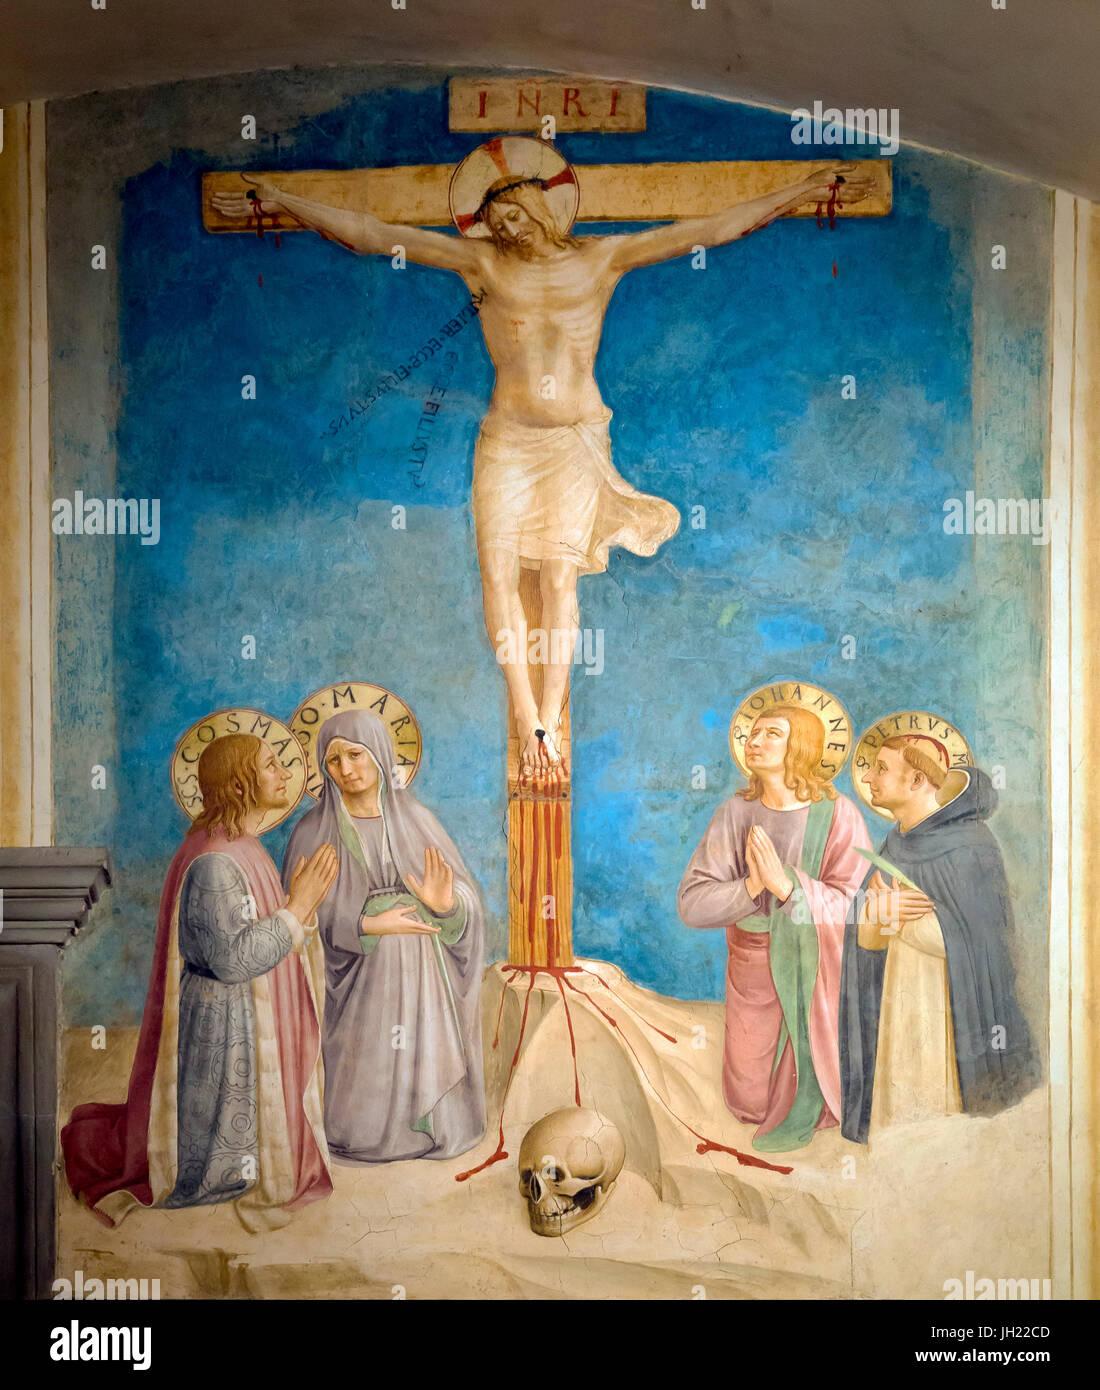 Crucifixión con la Virgen y los Santos Cosme, el evangelista san Juan y San Pedro Mártir, la celda 38, por Fra Beato Angelico, 1441-1442, el convento de San Marcos, Foto de stock